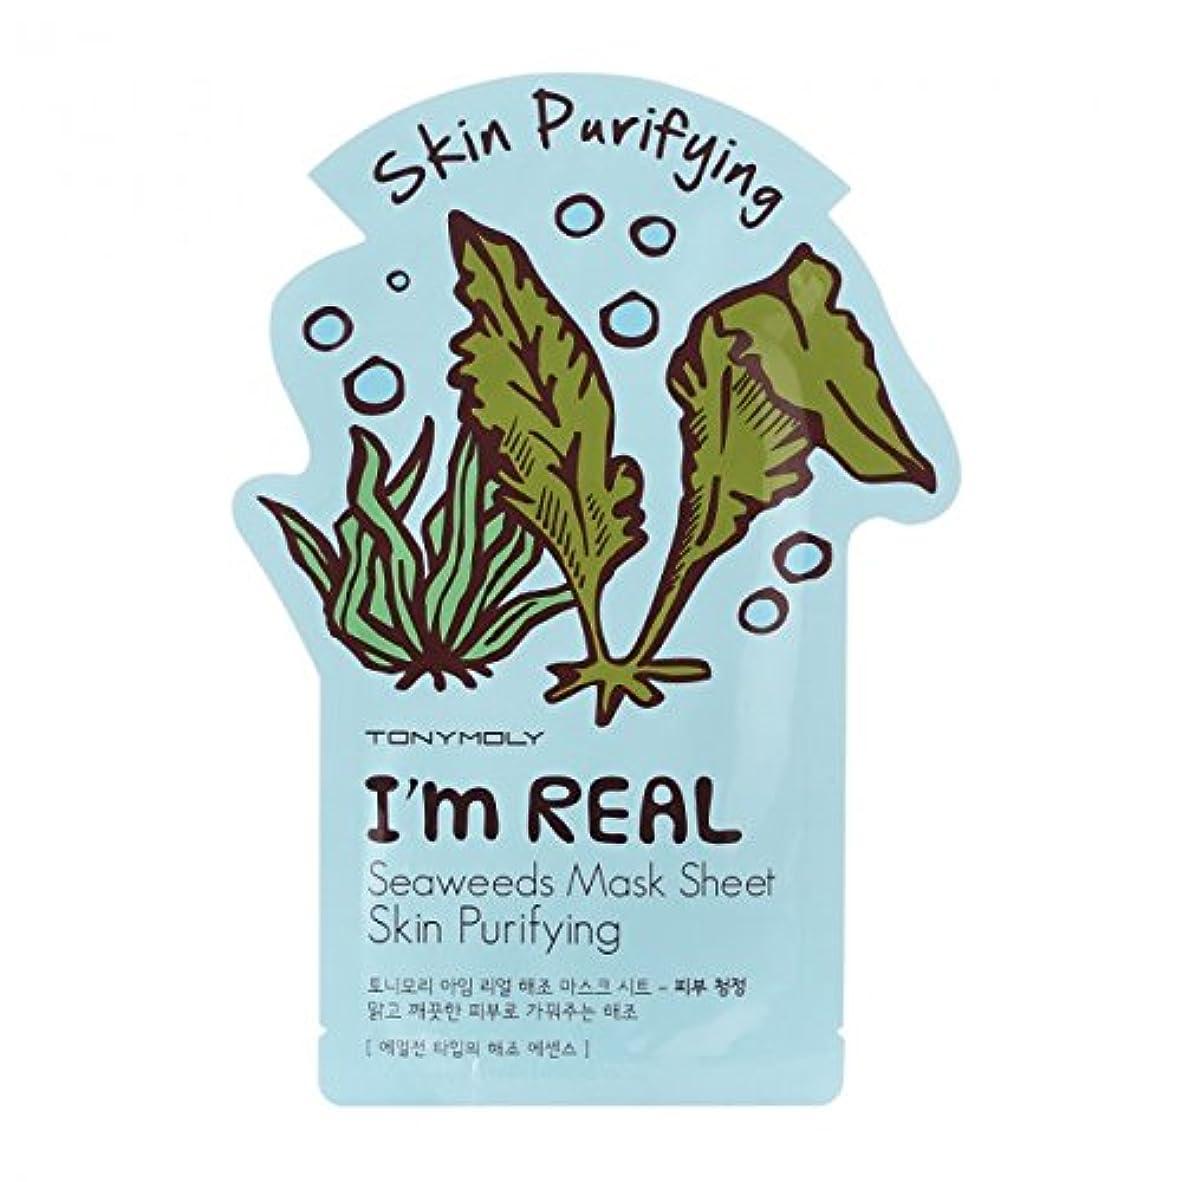 イヤホン欲望外向き(3 Pack) TONYMOLY I'm Real Seaweeds Mask Sheet Skin Purifying (並行輸入品)